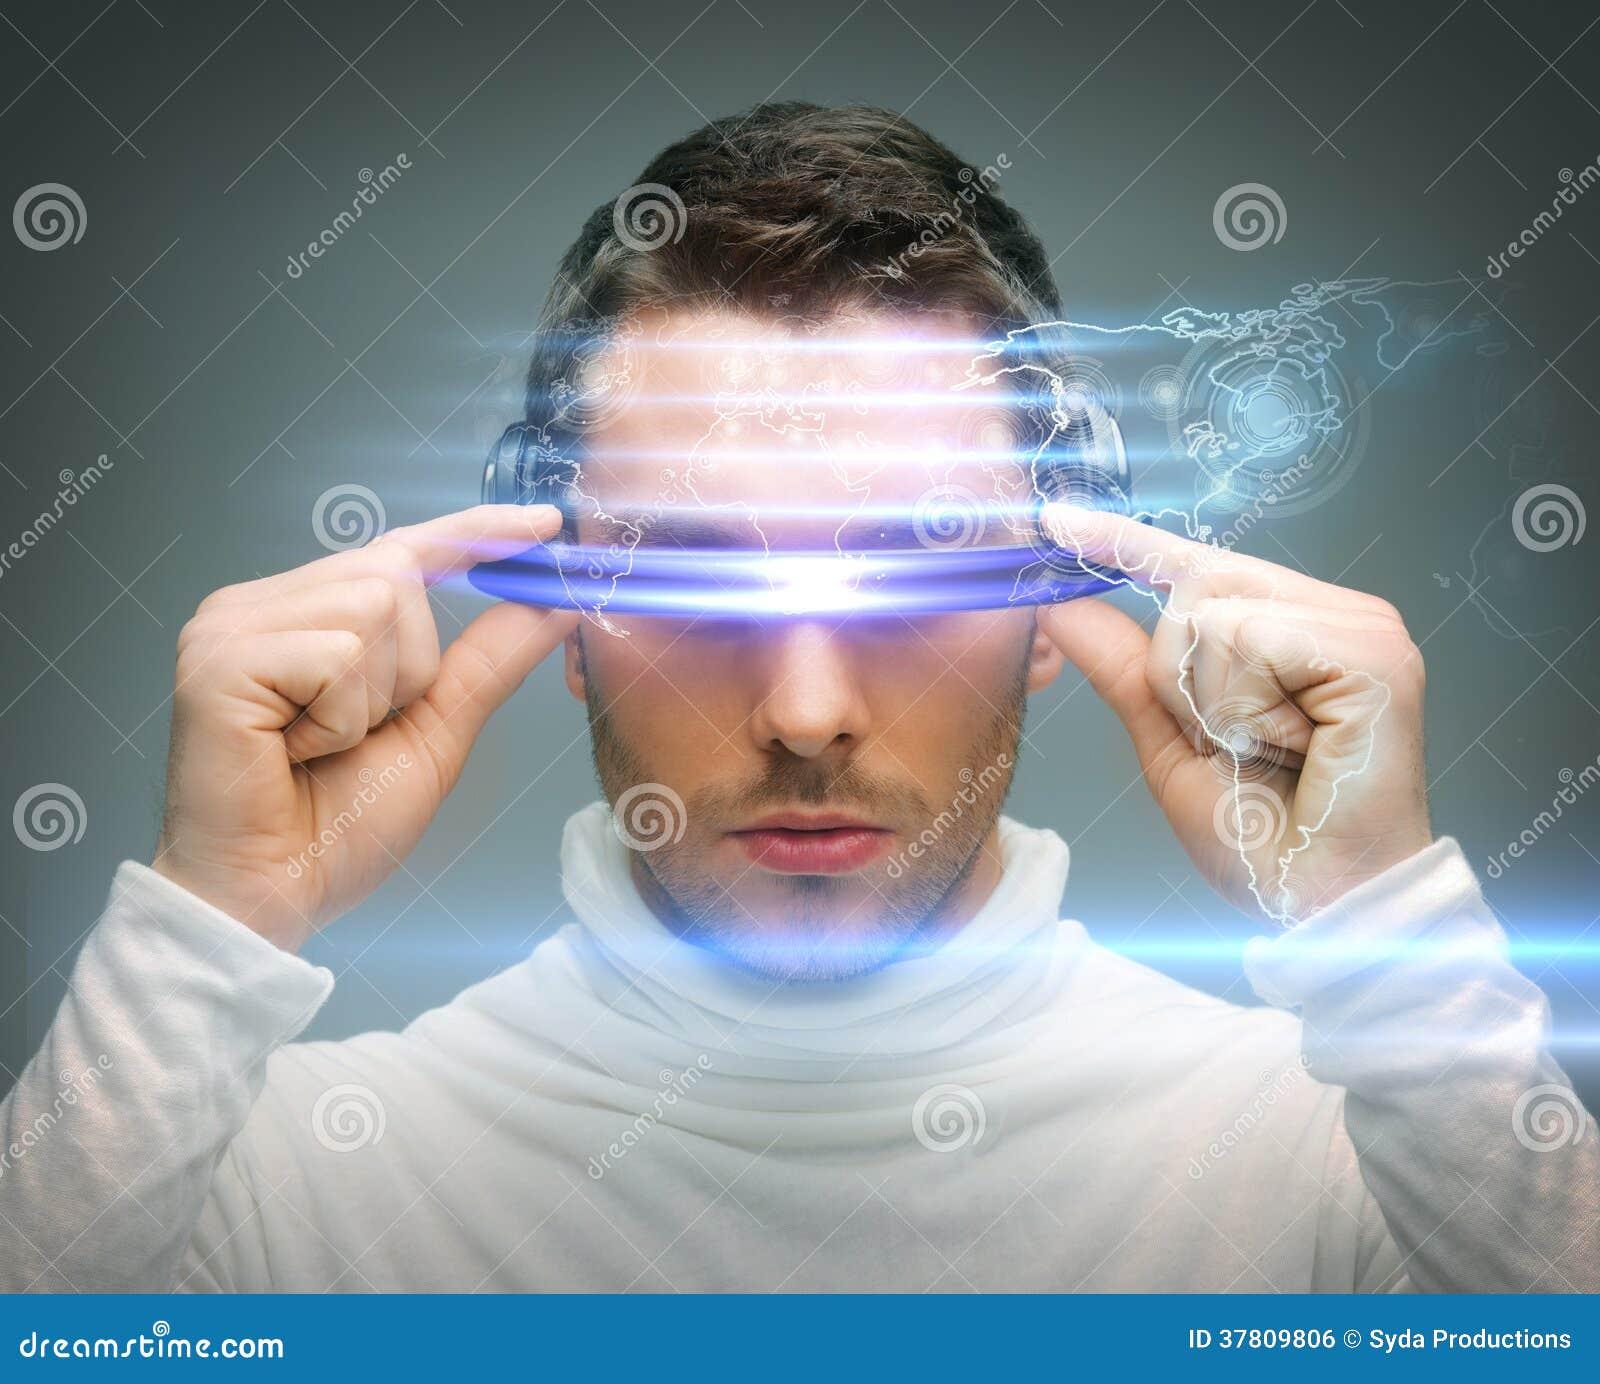 Mężczyzna z cyfrowymi szkłami